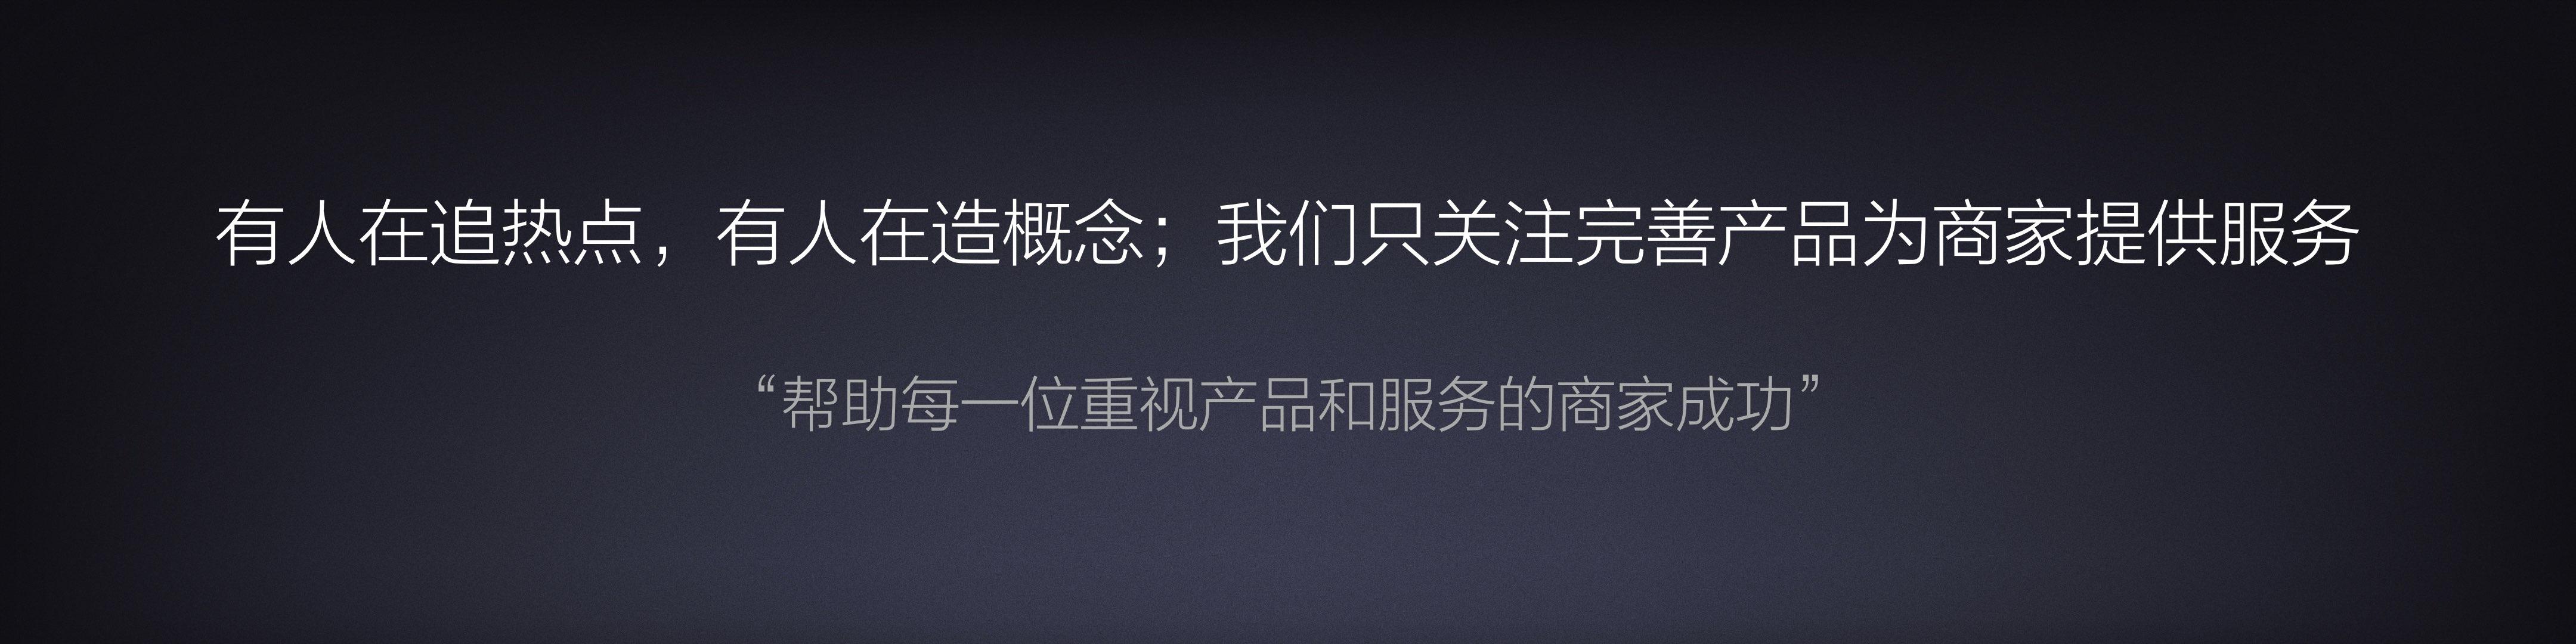 2018有赞春季沙龙-公开版.075.jpeg